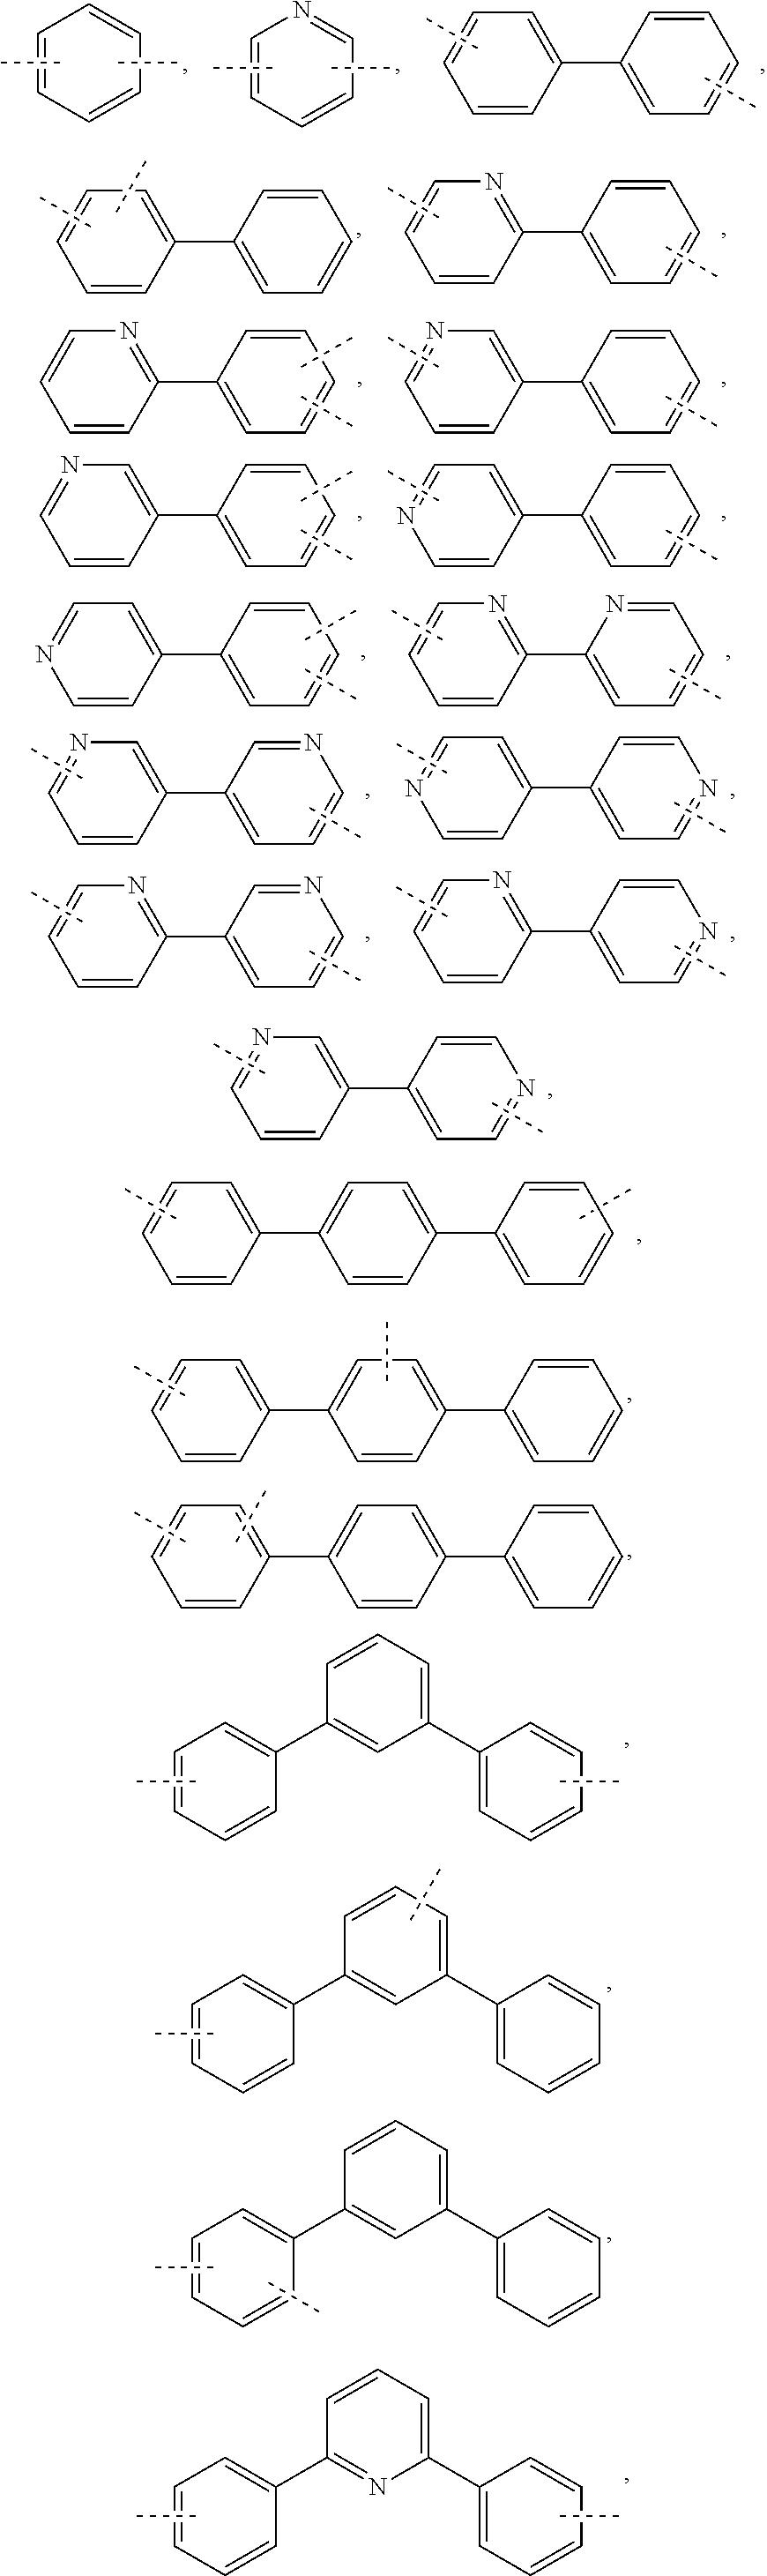 Figure US09406892-20160802-C00010